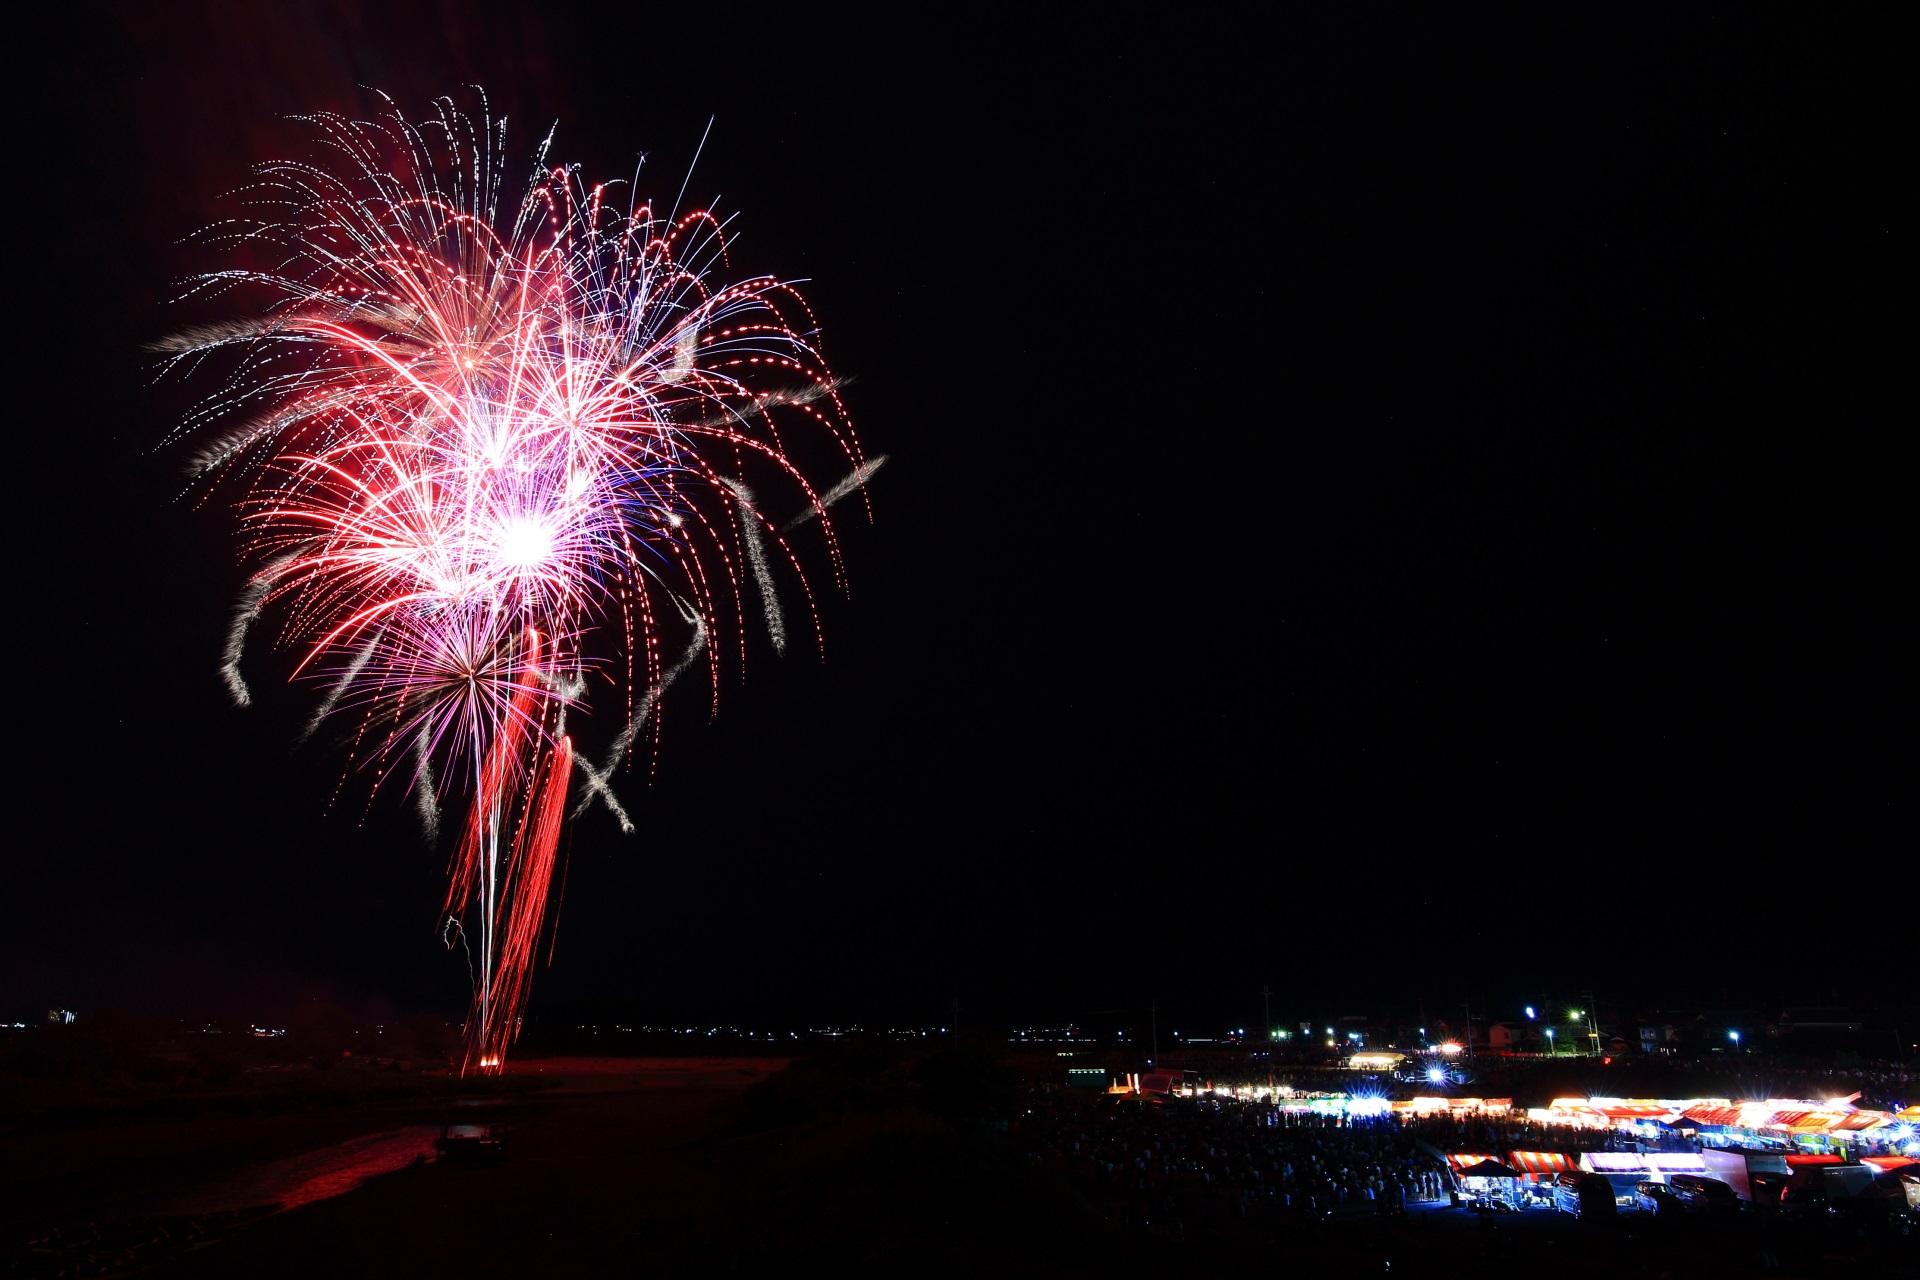 亀岡花火大会でたくさん打ち上がる不思議で楽しい花火